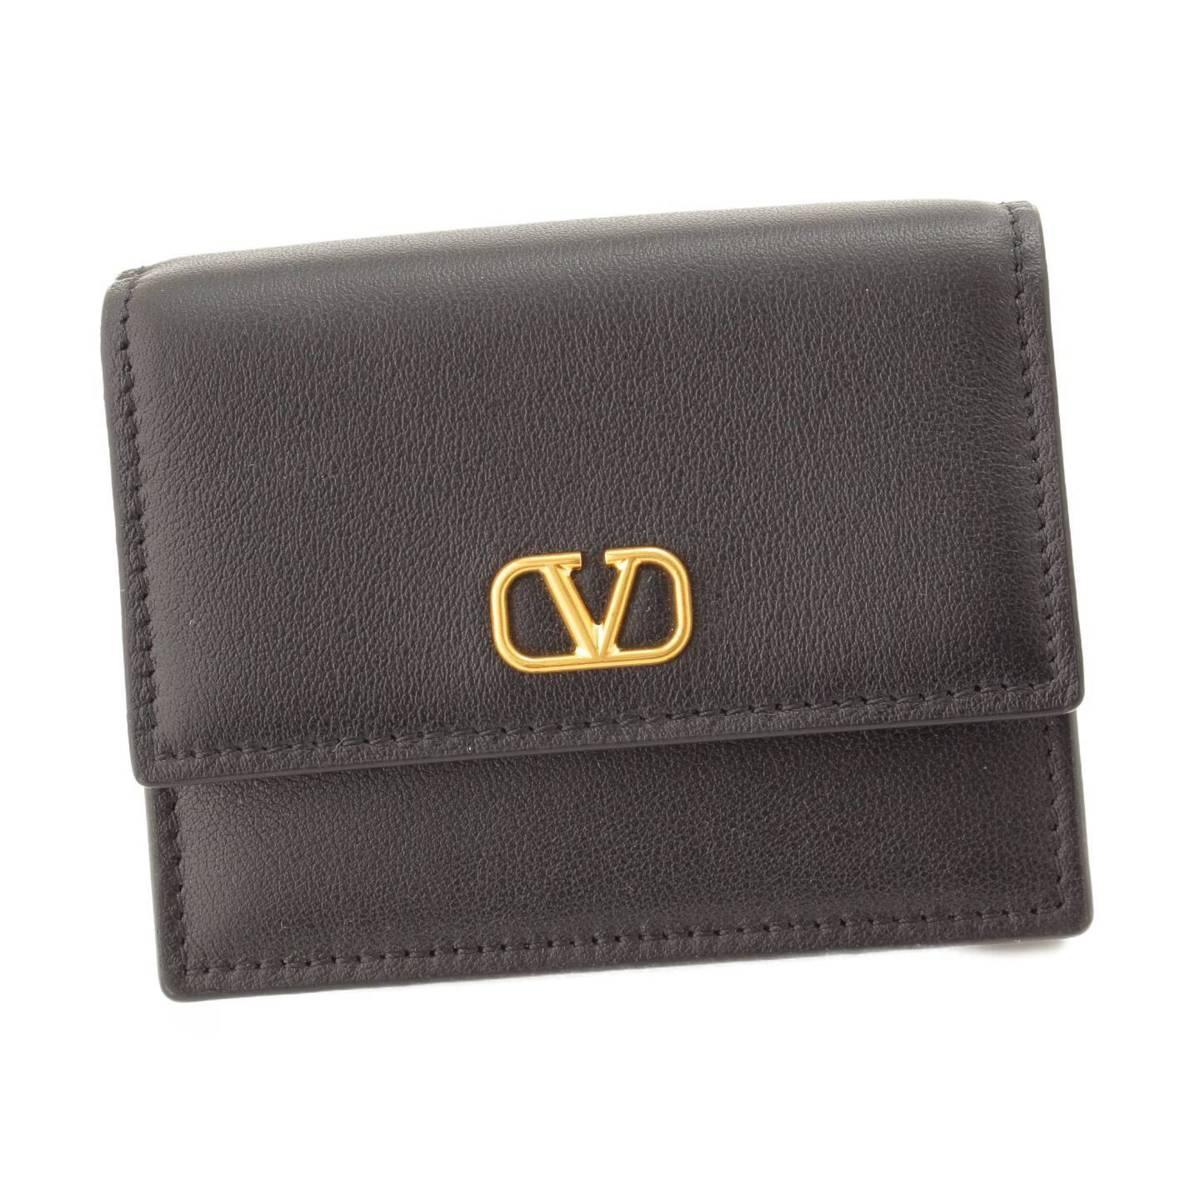 【ヴァレンティノ】Valentino ガラヴァーニ レザー 二つ折り 財布 ブラック 未使用【中古】【鑑定済・正規品保証】83948